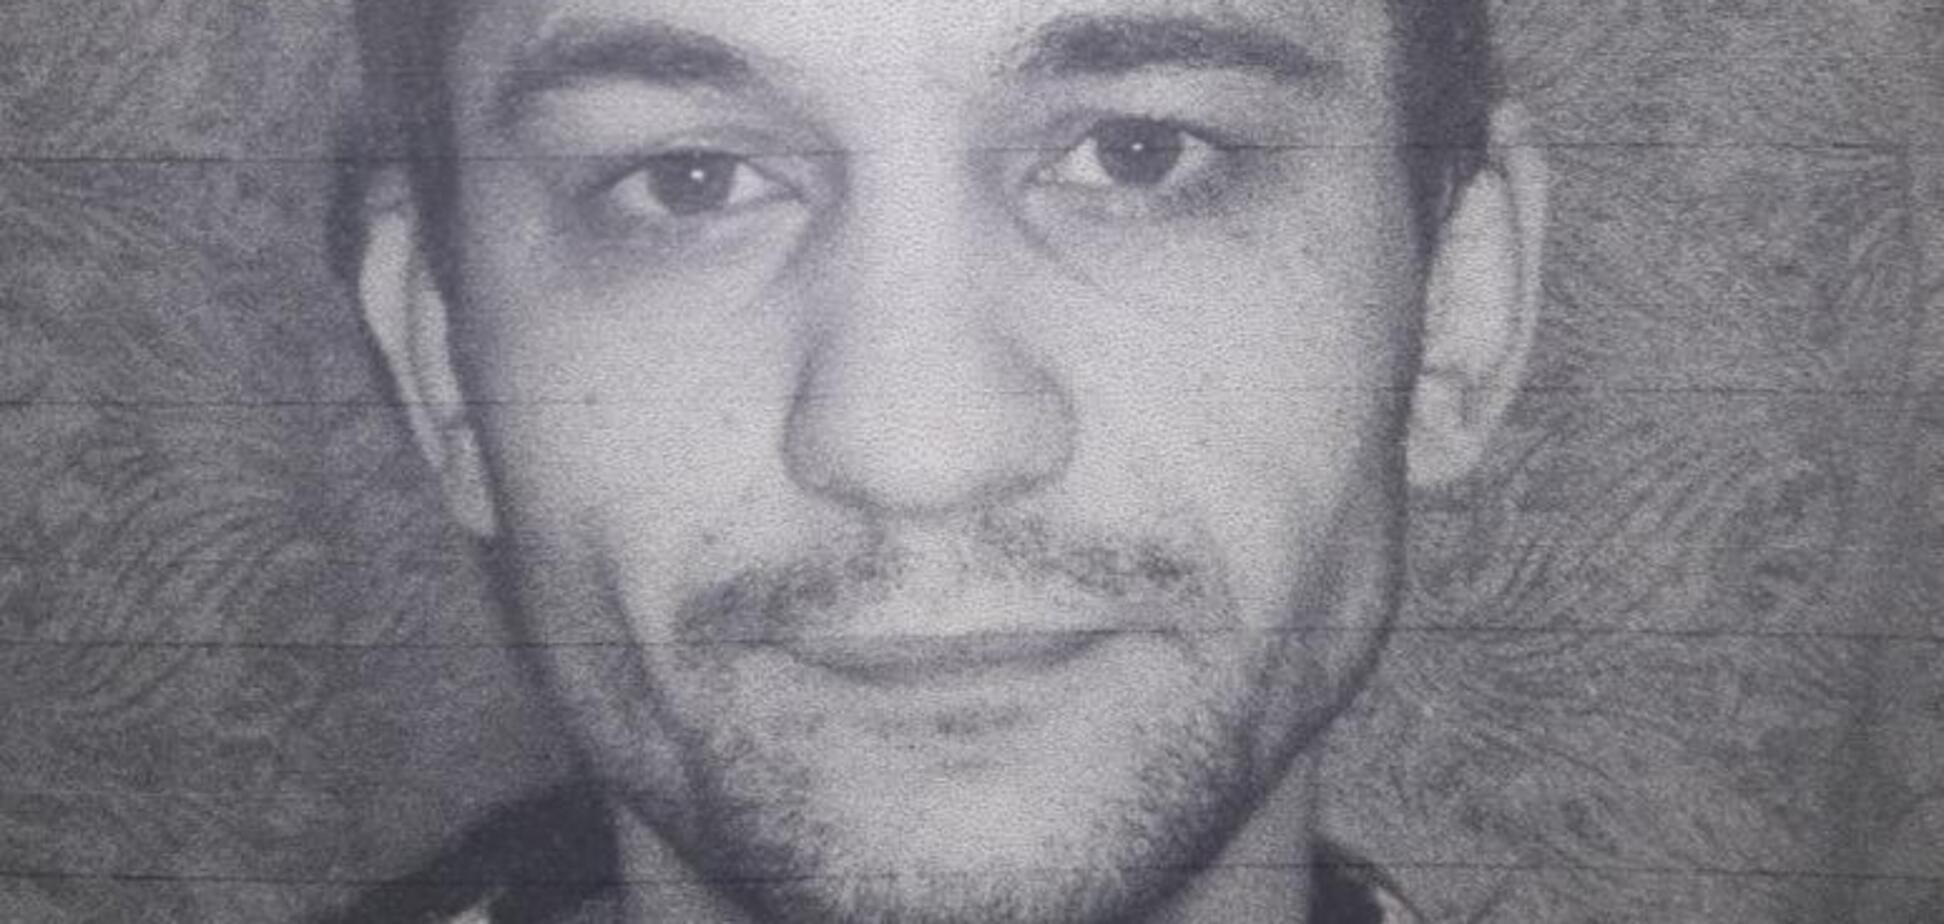 Выстрелы не помогли: в Херсоне из тюрьмы сбежал опасный преступник в шрамах. Фото